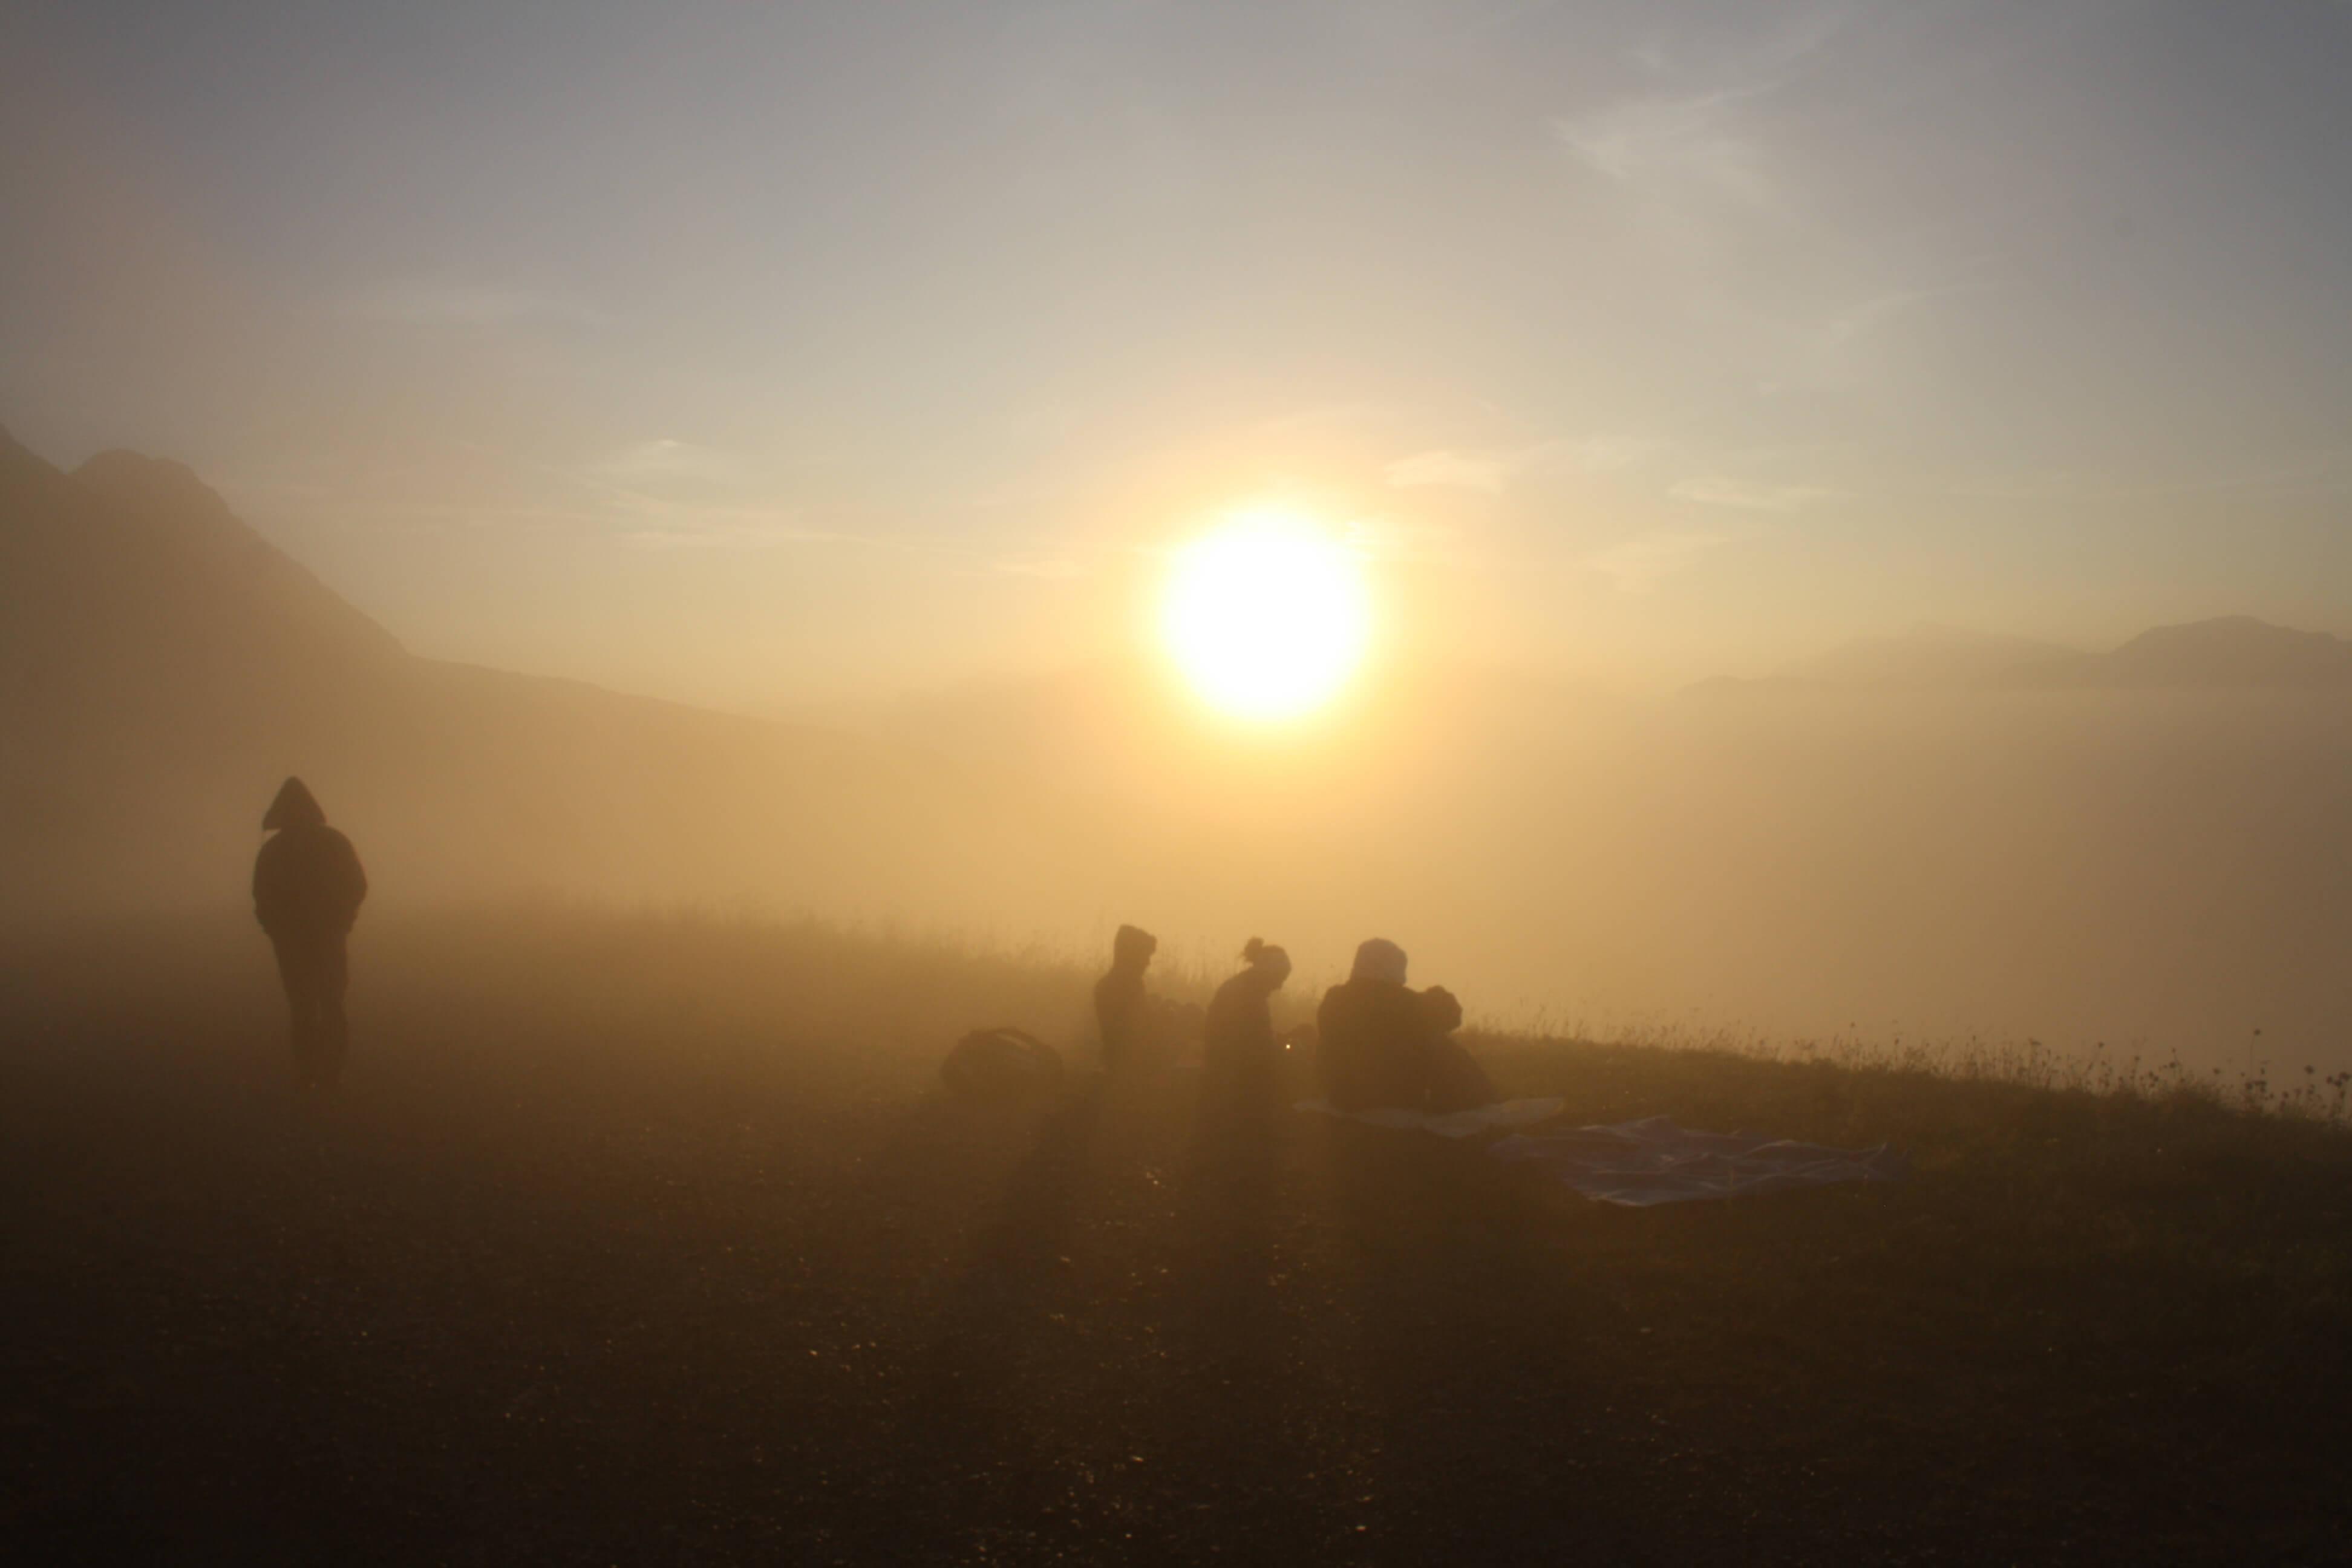 Val di Fiemme, Trentino Alto Adige guardando l'alba